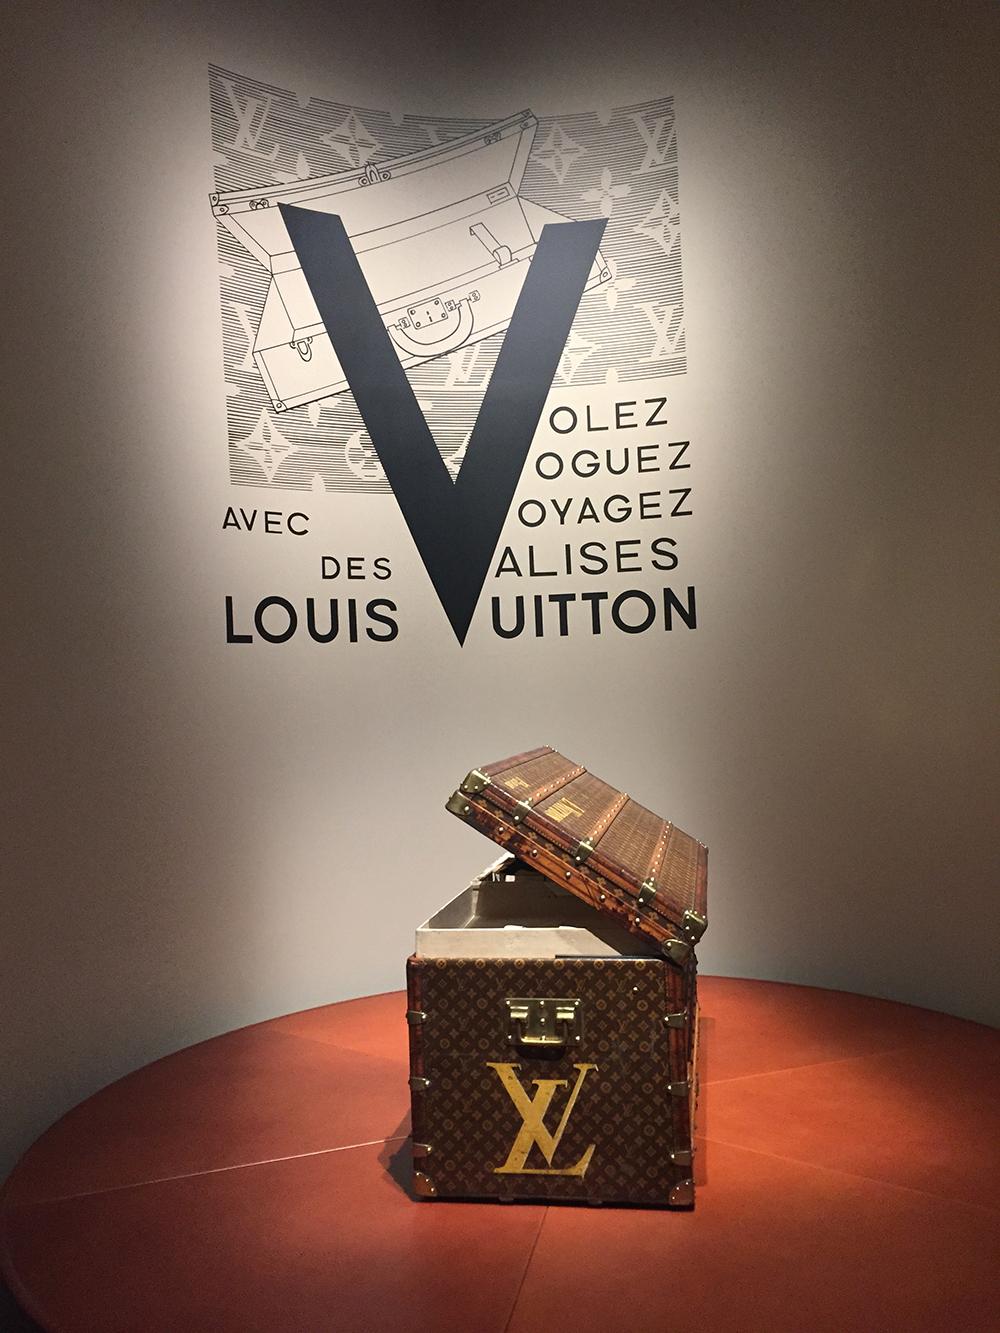 Louis Vuitton_volez voguez voyagez_02